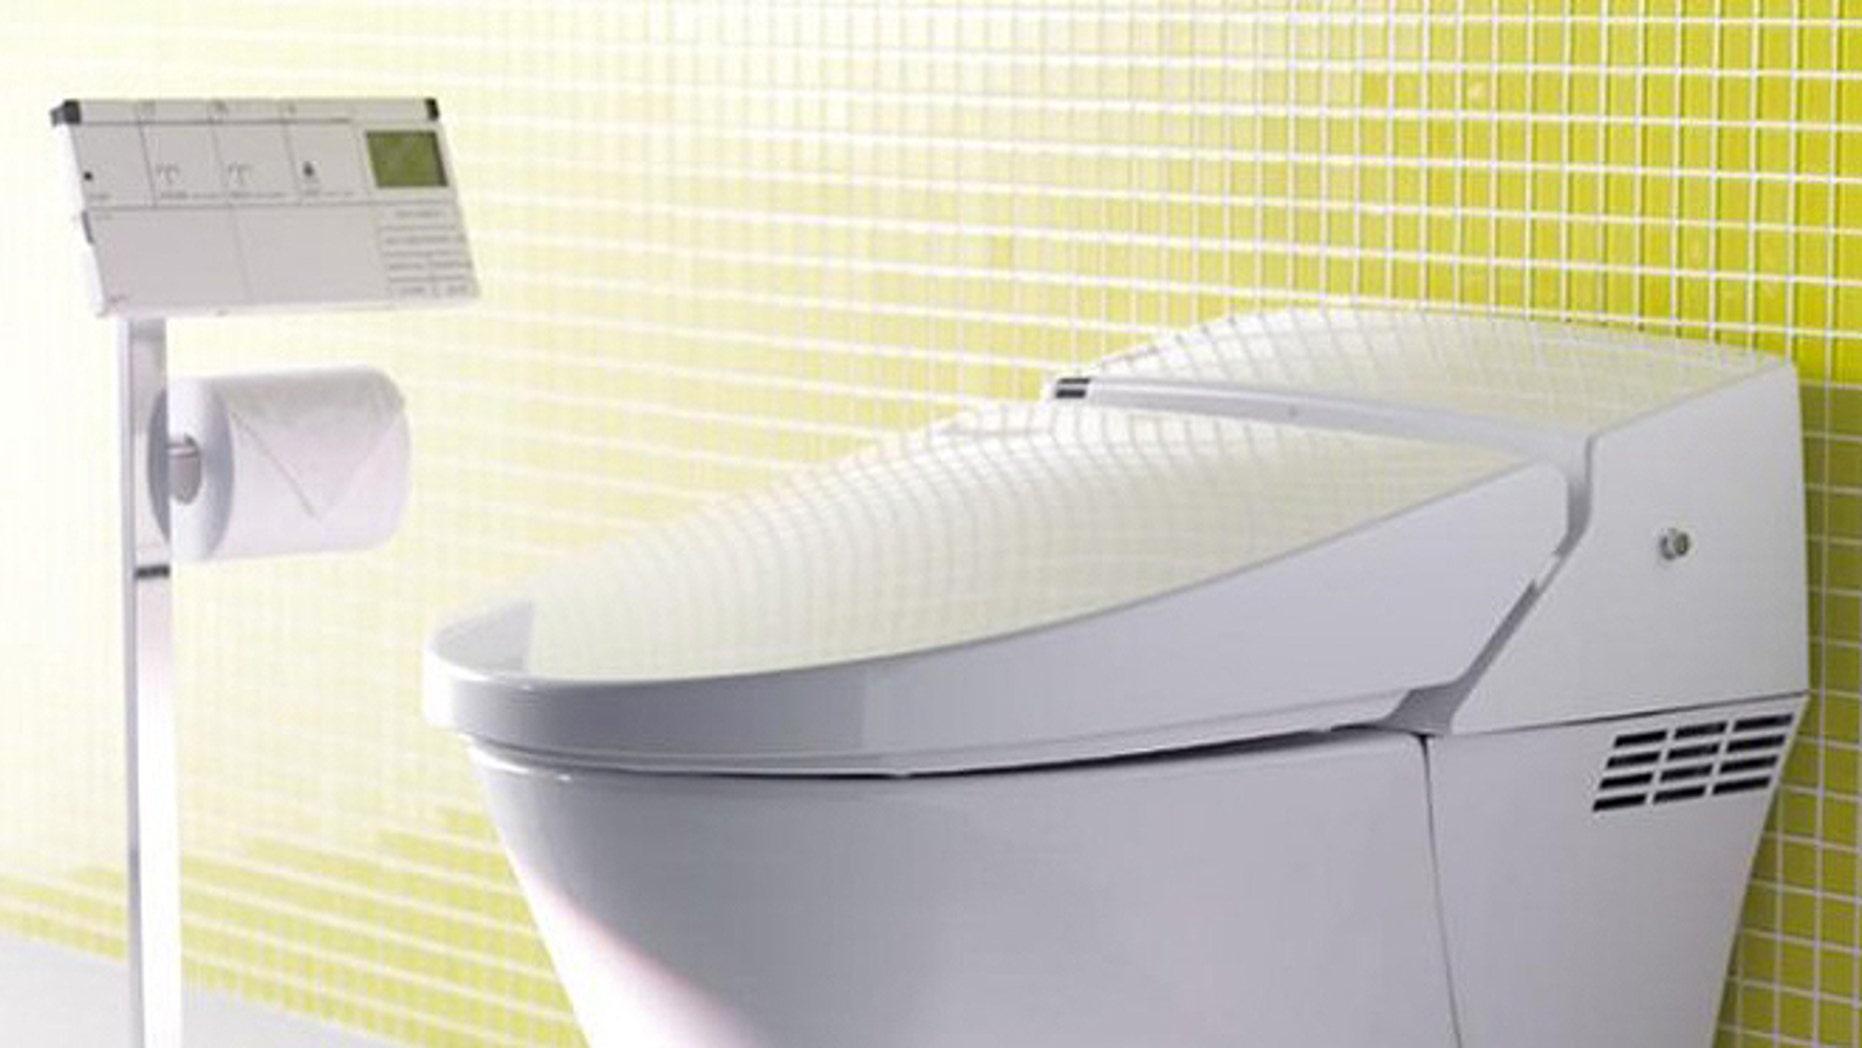 A high-tech Satis toilet from LIXIL.